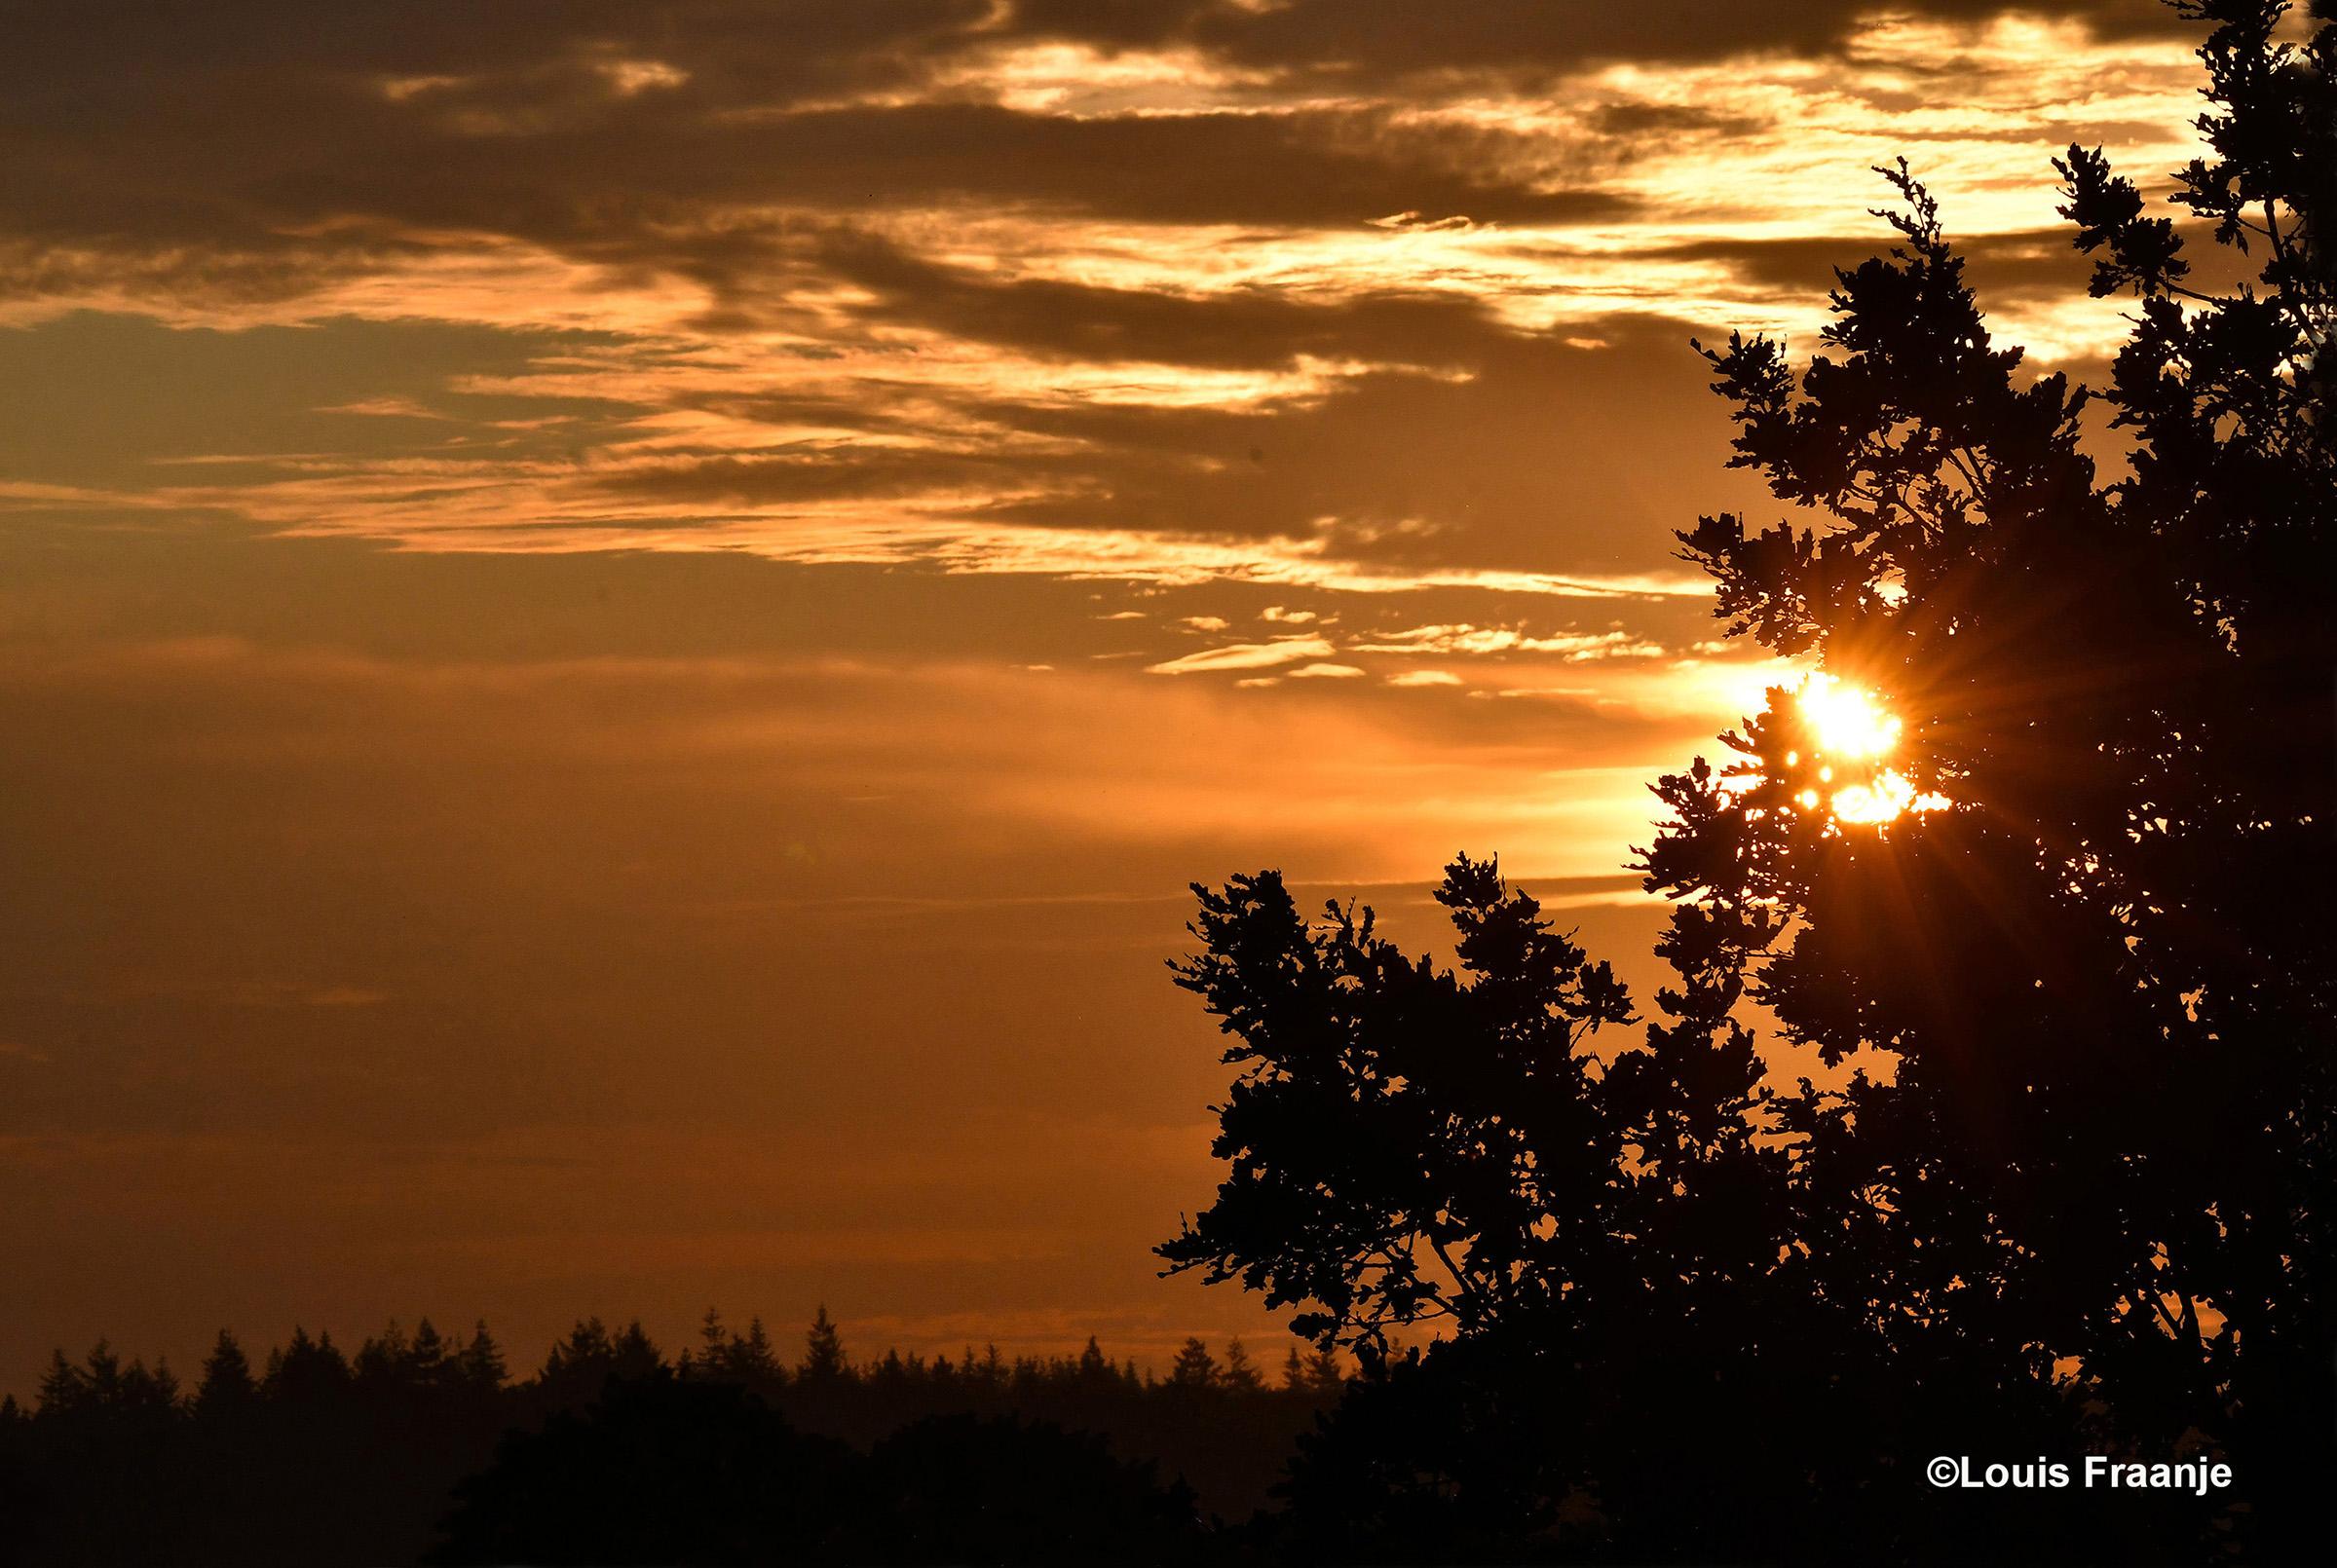 Vanmorgen scheen de zon tussen de wolken en door de bomen heen ons tegemoet - Foto: ©Louis Fraanje